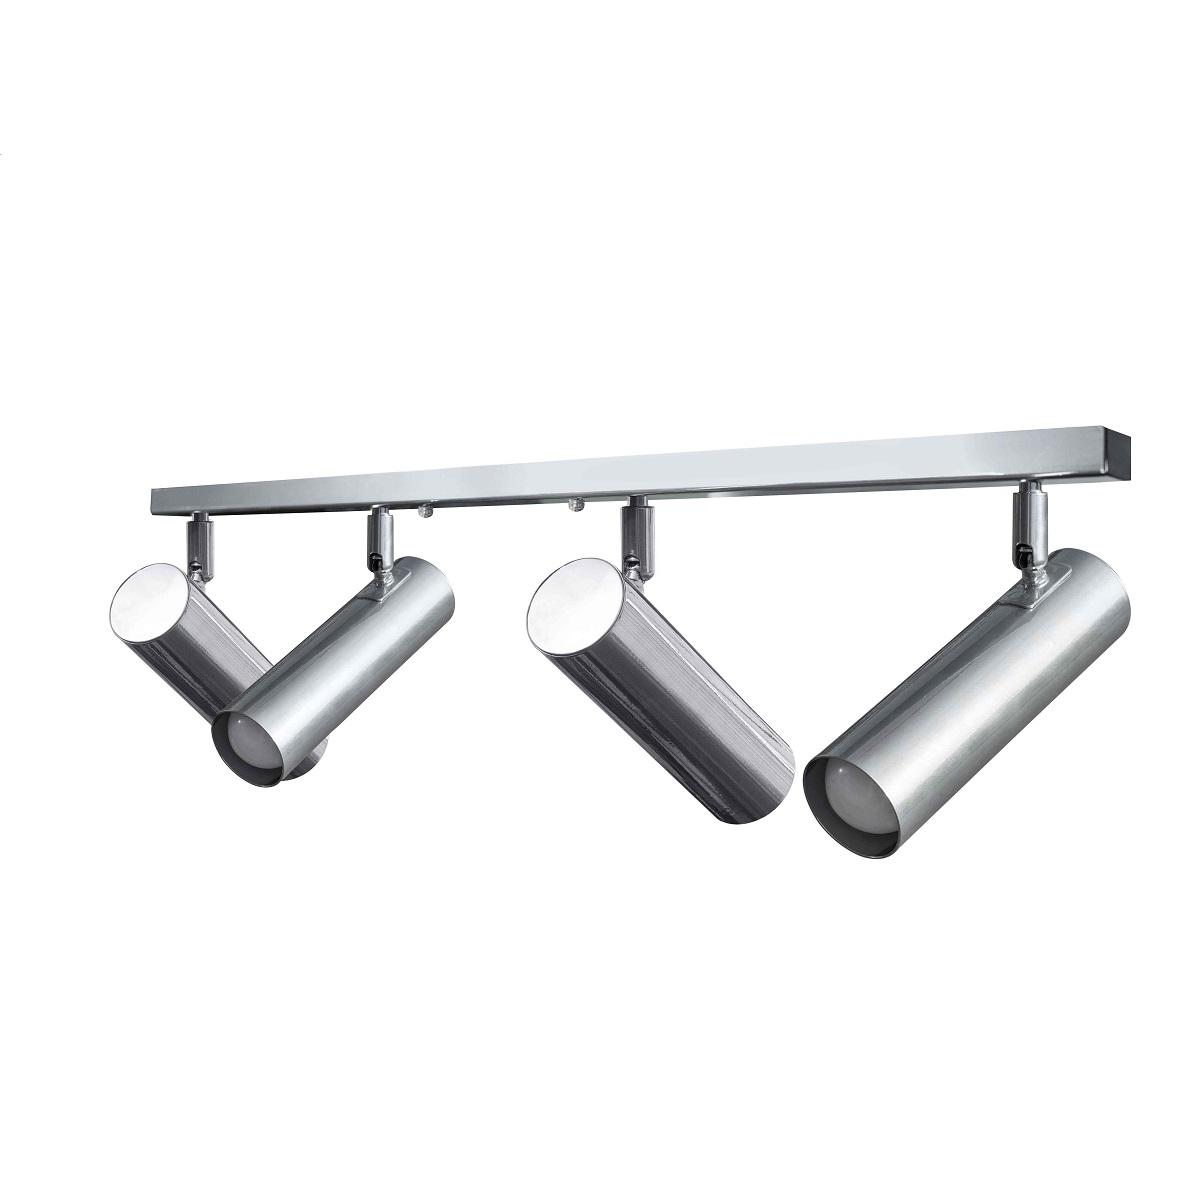 Светильники ЛОФТ - Люстра лофт потолочная с поворотным плафоном 000002783 - Фото 1